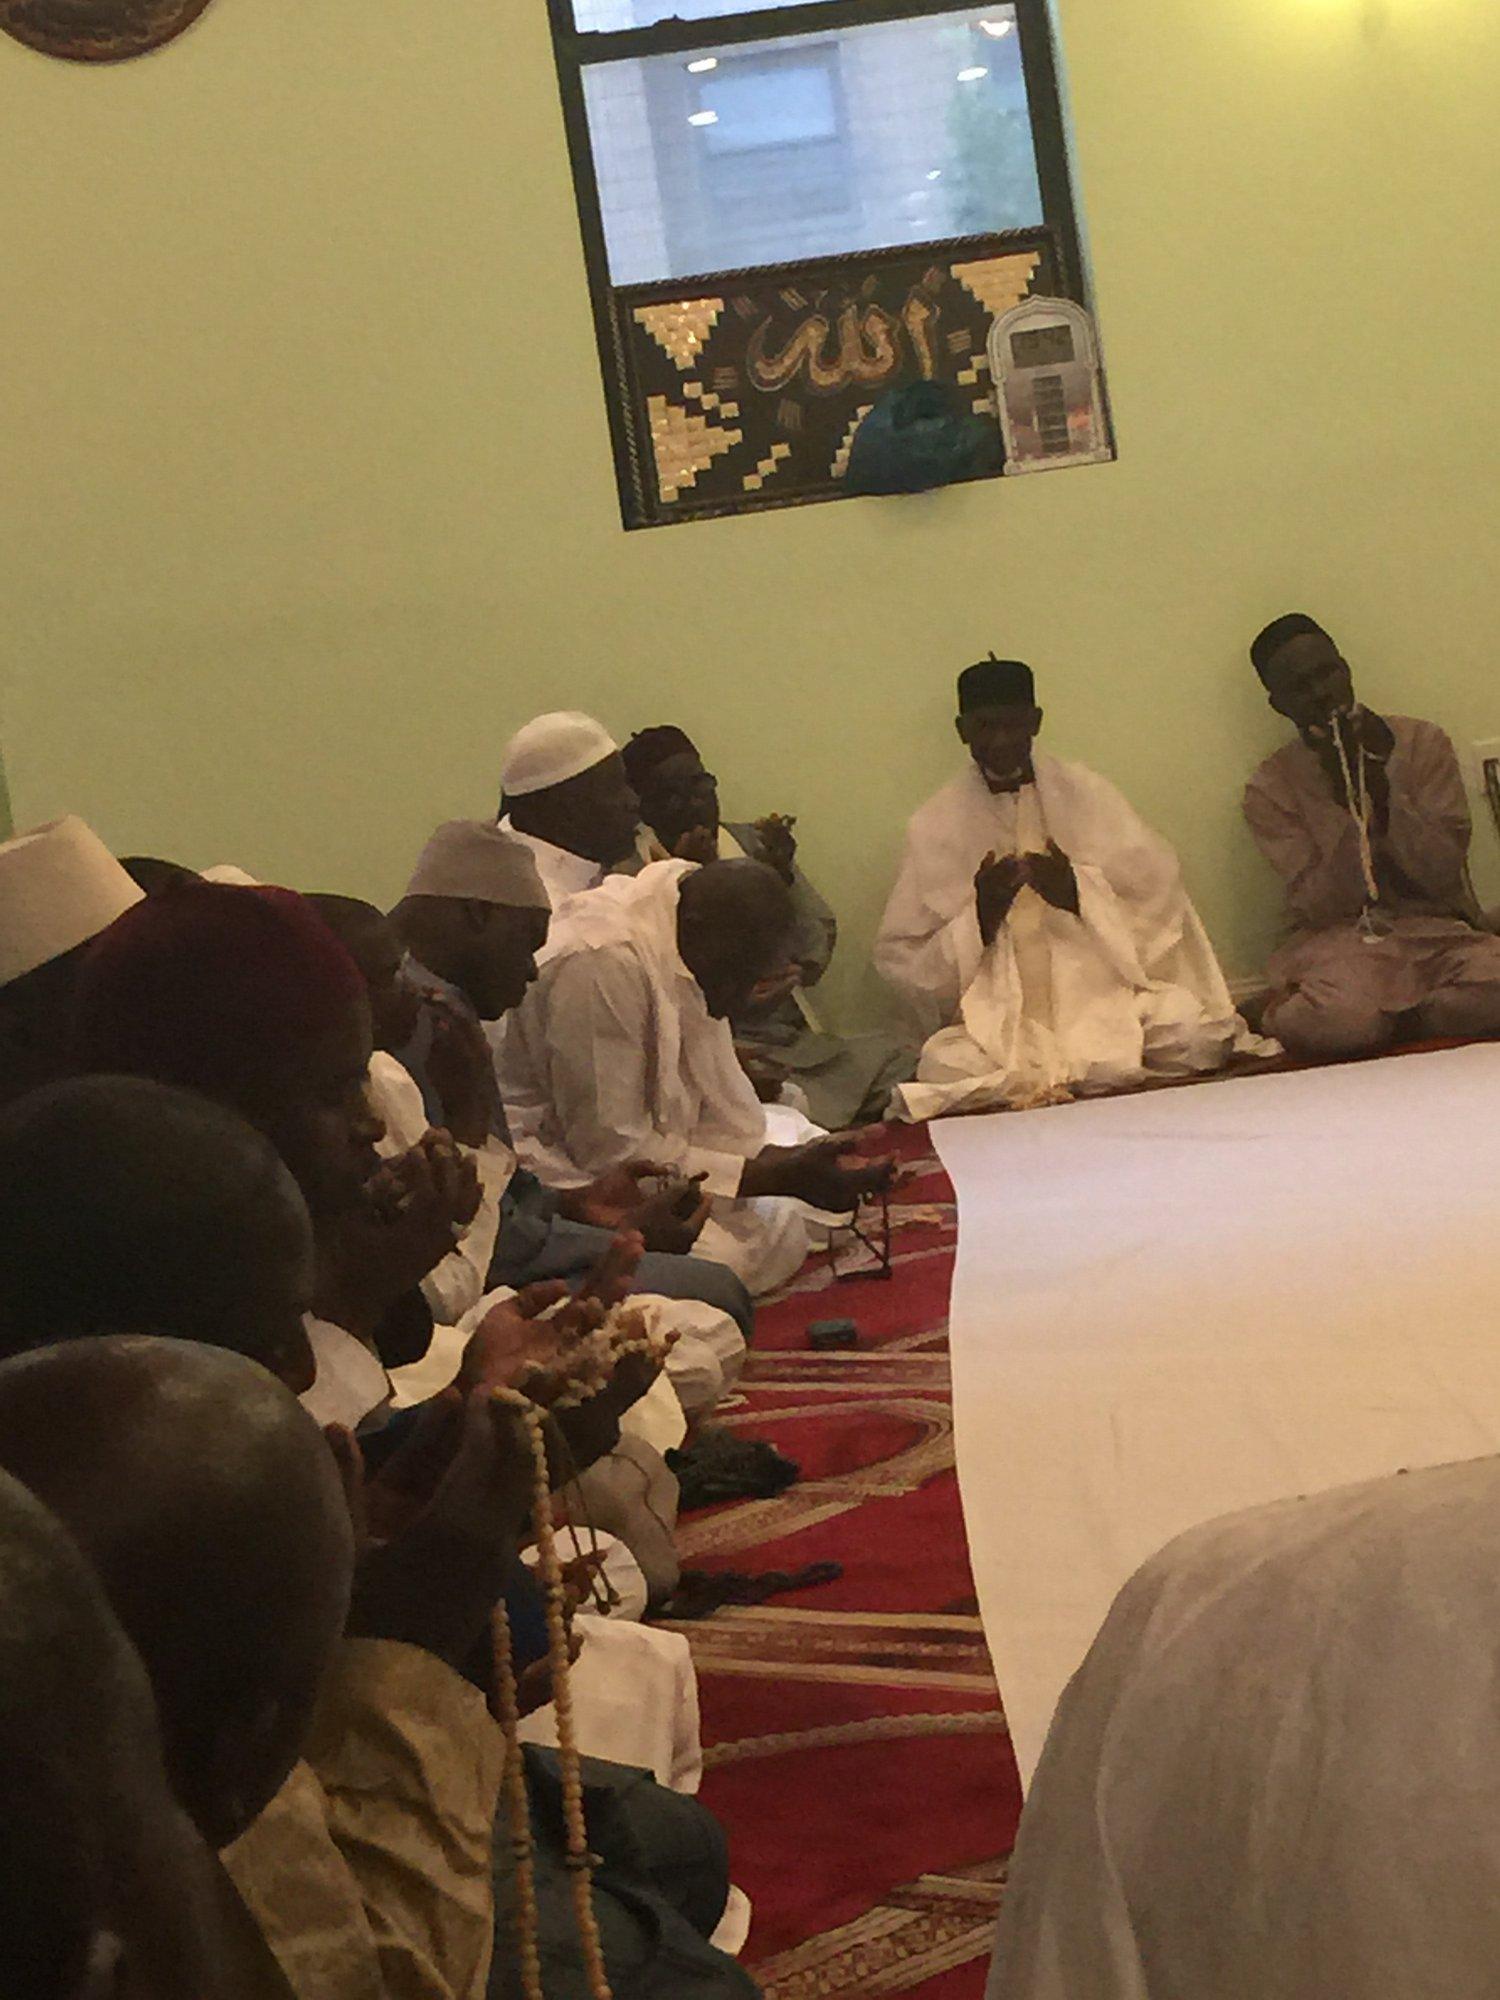 PHOTOS - NEW YORK - Les Images du Khadratoul Djumah suivi de Ndogou organisé à la Zawiya El Hadj Malick Sy de New-York par la section Mouqtafina